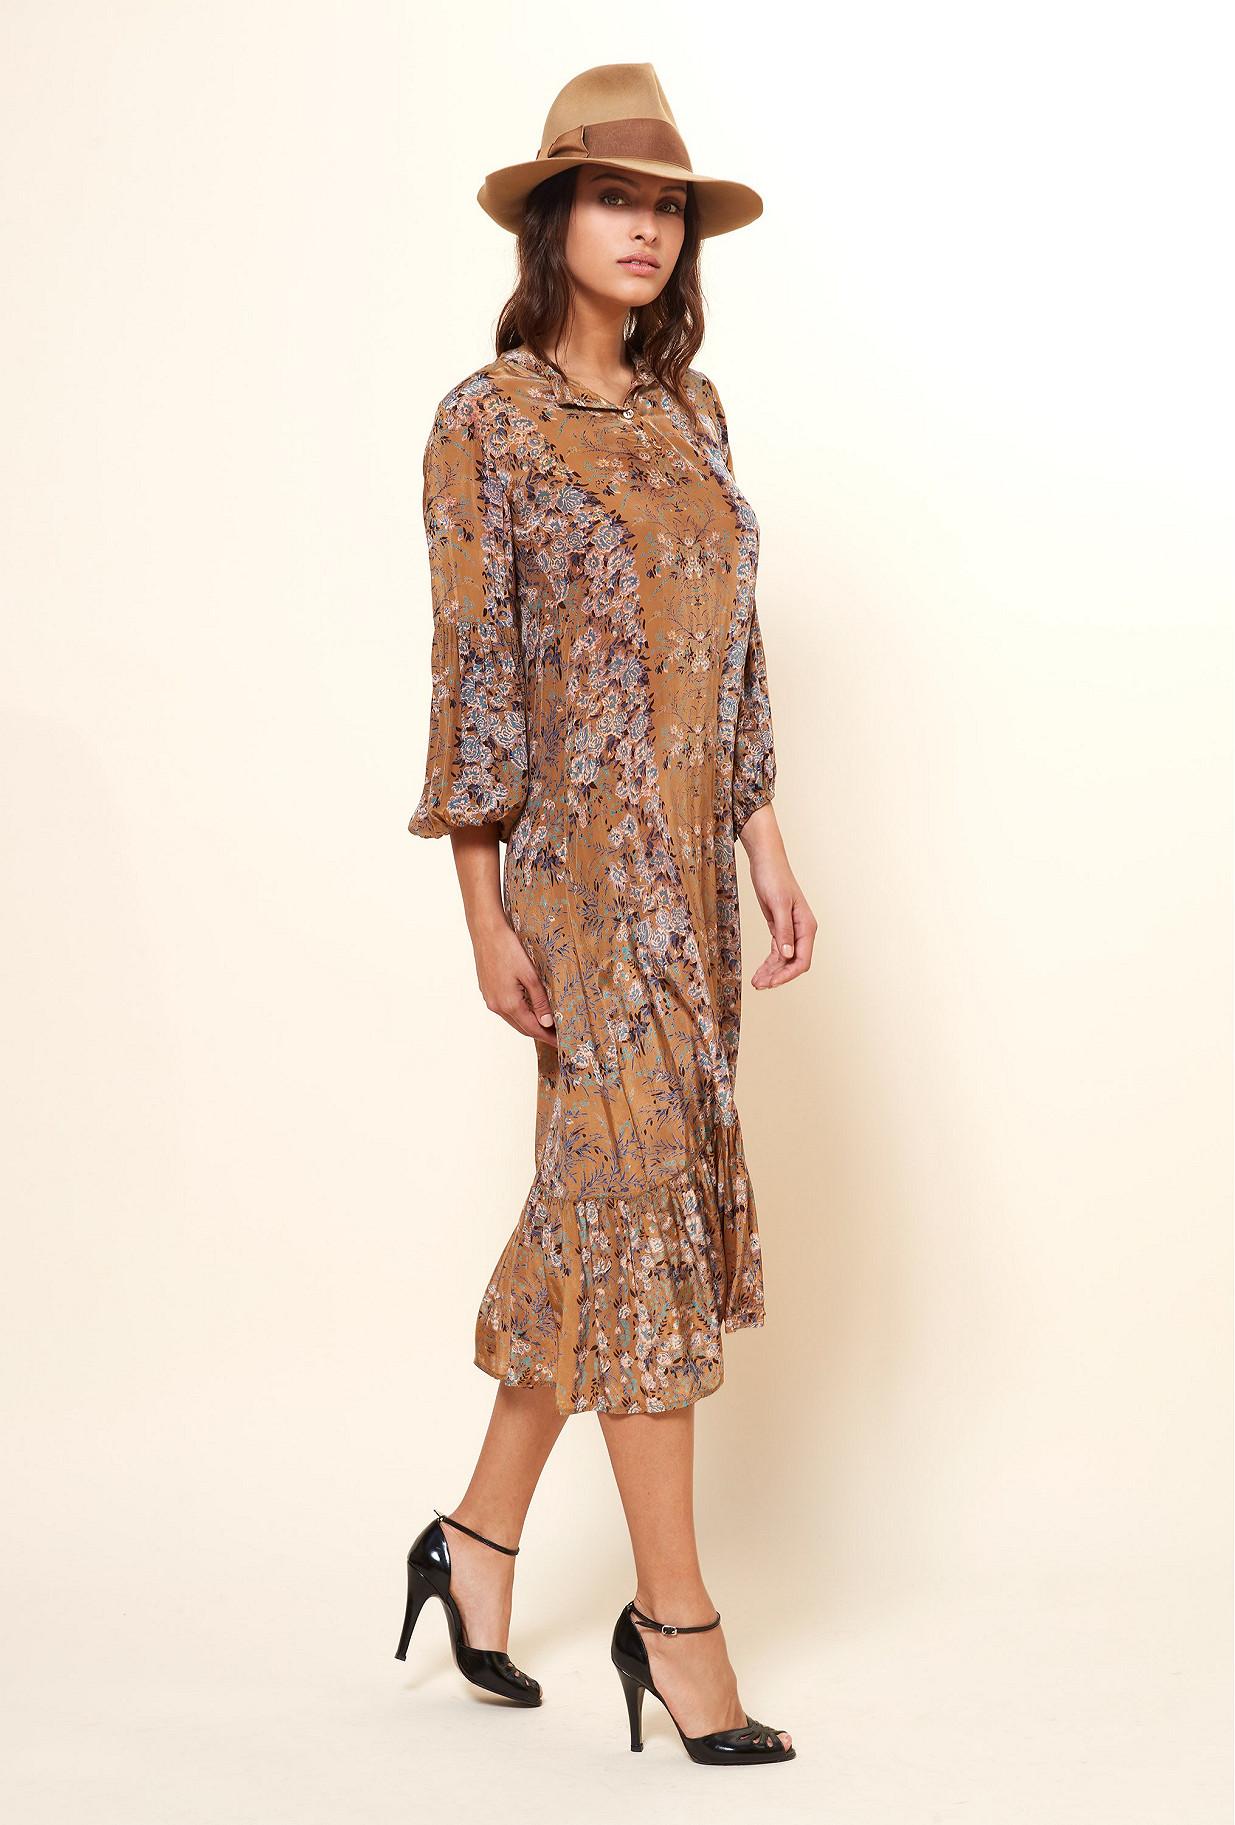 Floral print Dress Jena Mes Demoiselles Paris